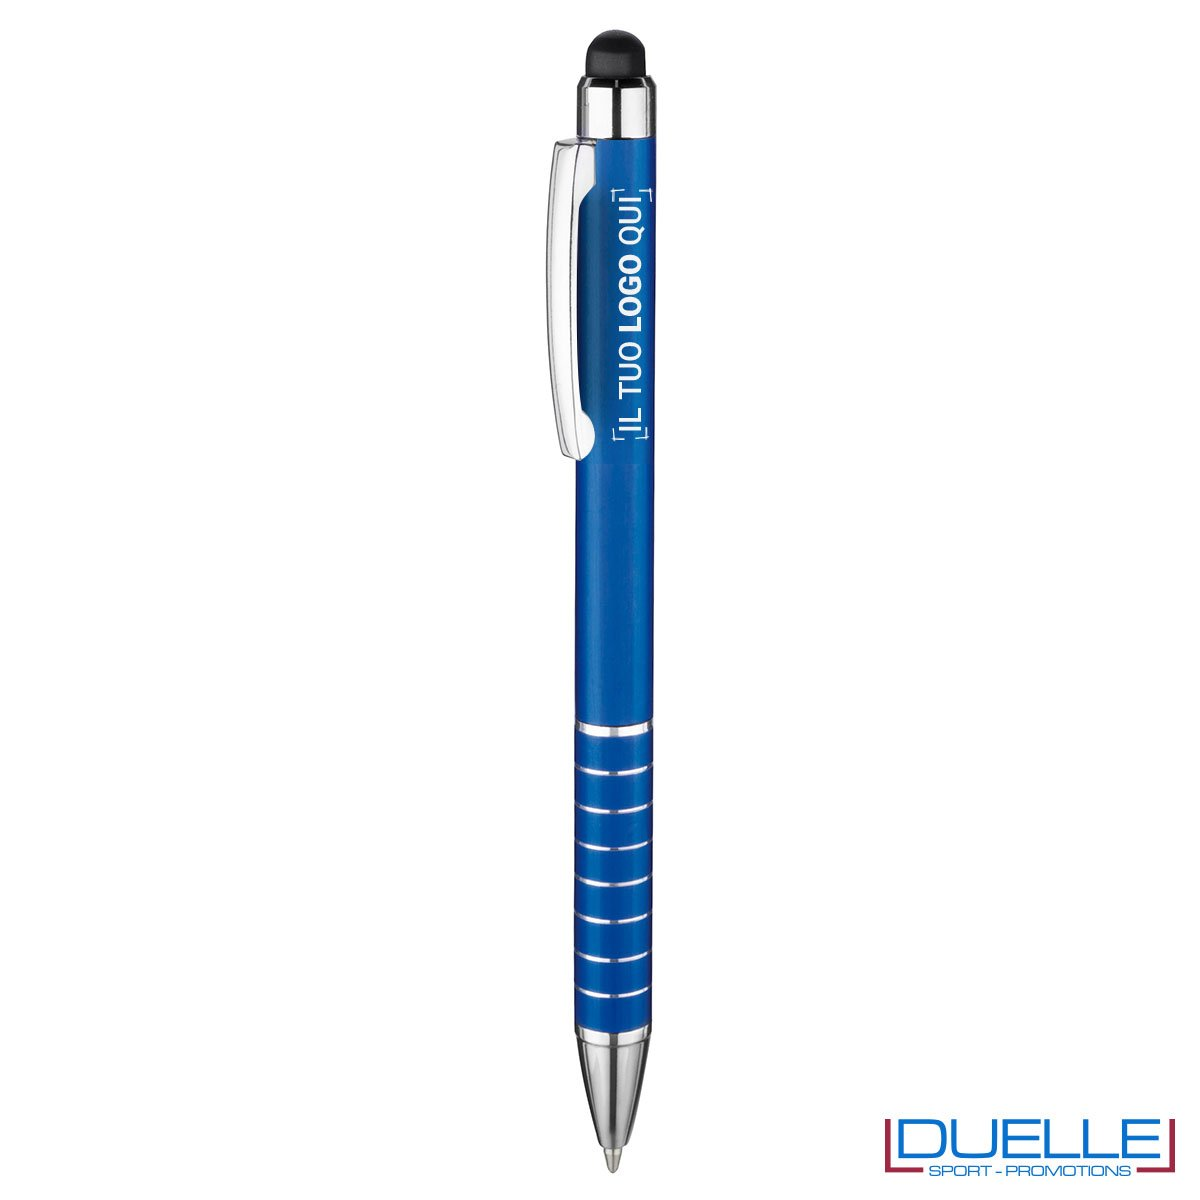 penna touch screen personalizzata in alluminio anodizzato blu, gadget aziendali personalizzati